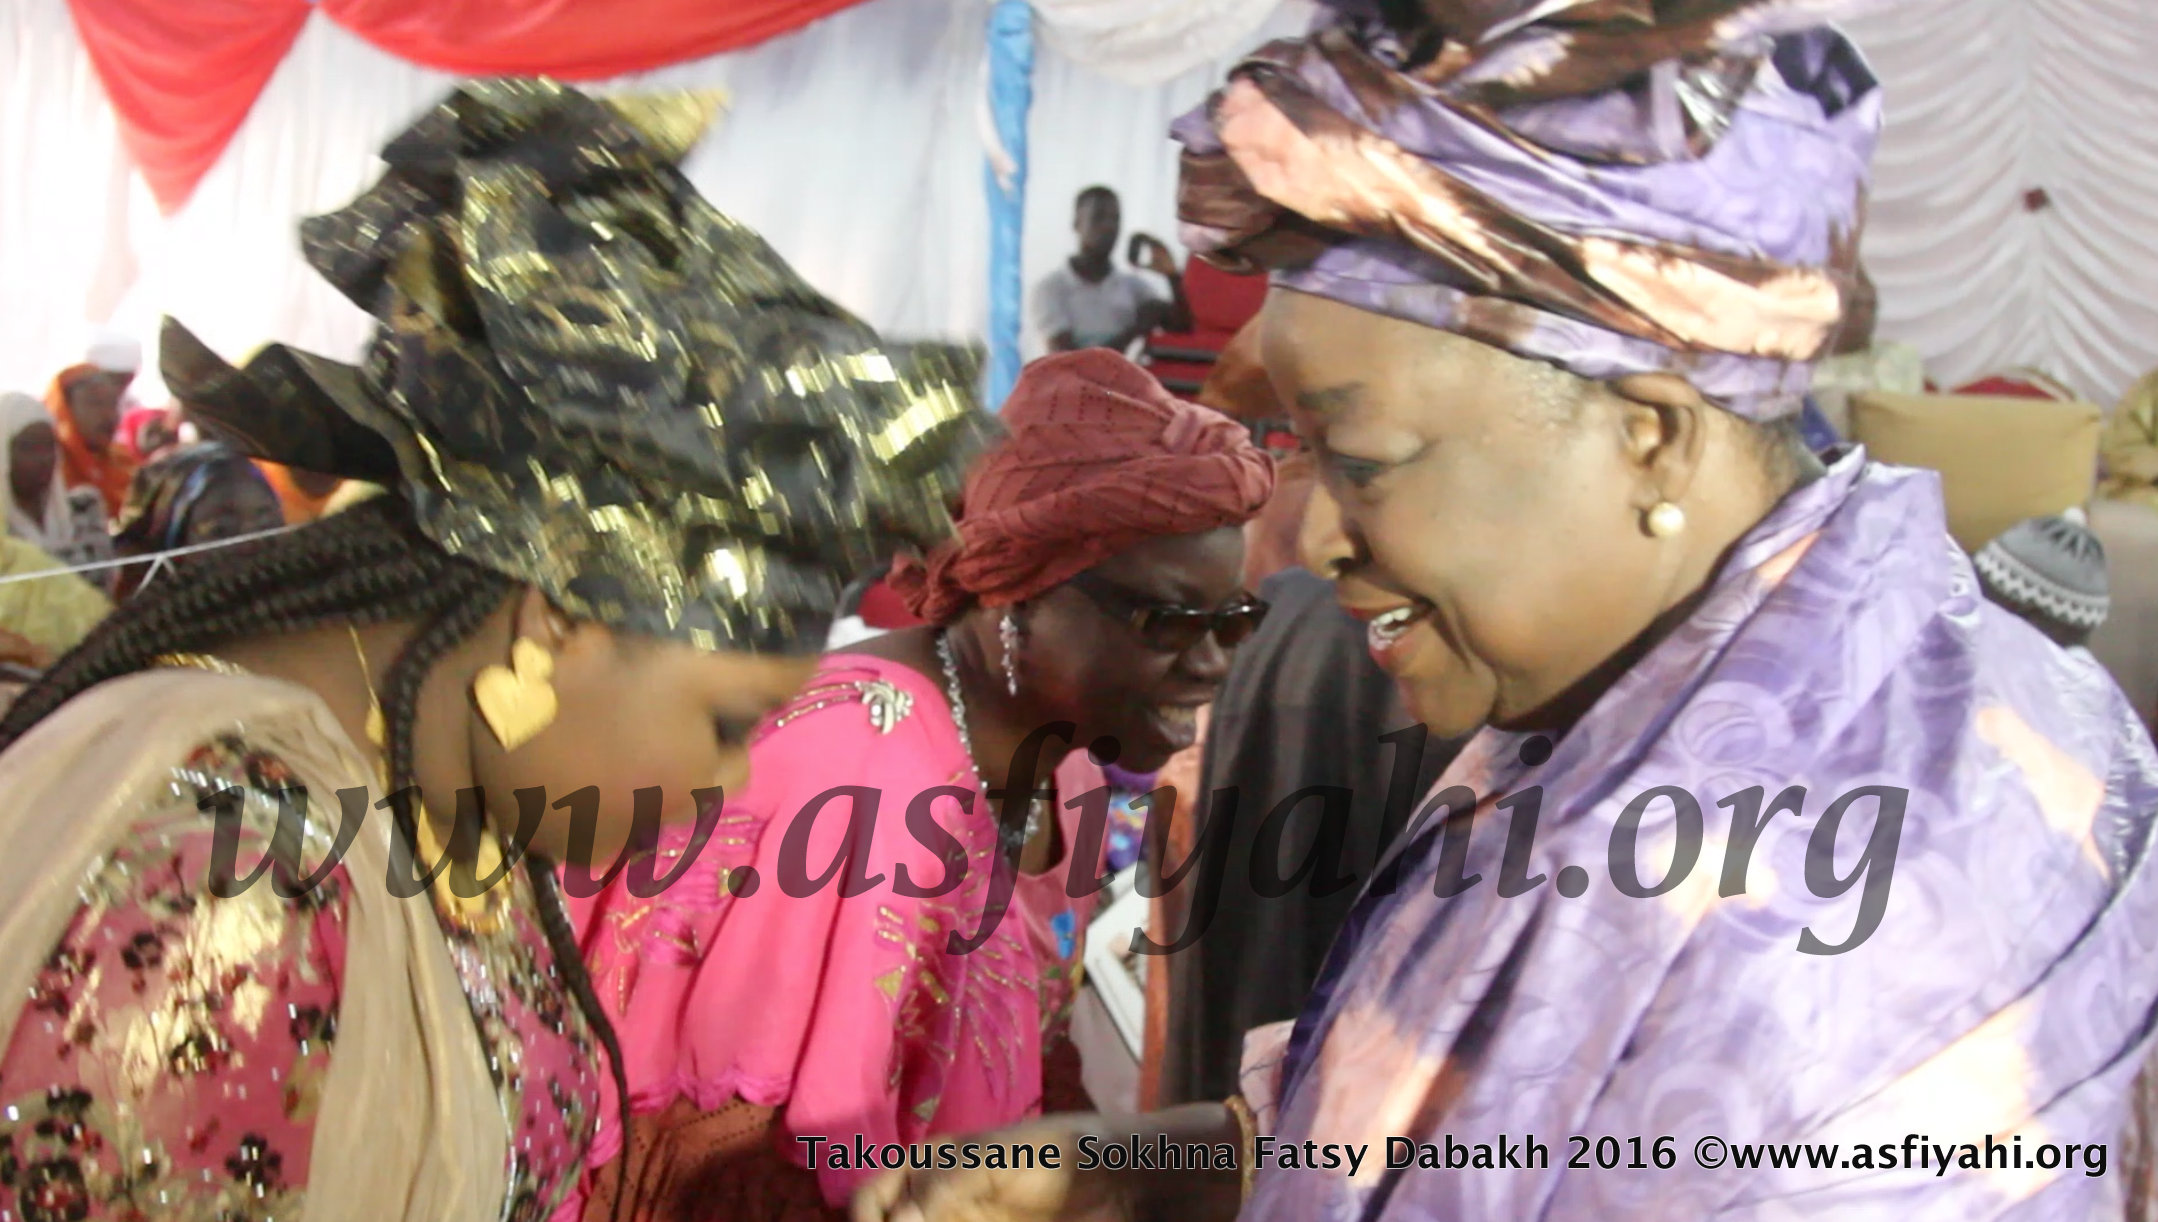 PHOTOS - 27 MARS 2016 À DAKAR - Les Images du Takoussane Serigne Babacar Sy, organisé par Sokhna Fatsy Dabakh à la Zone de captage